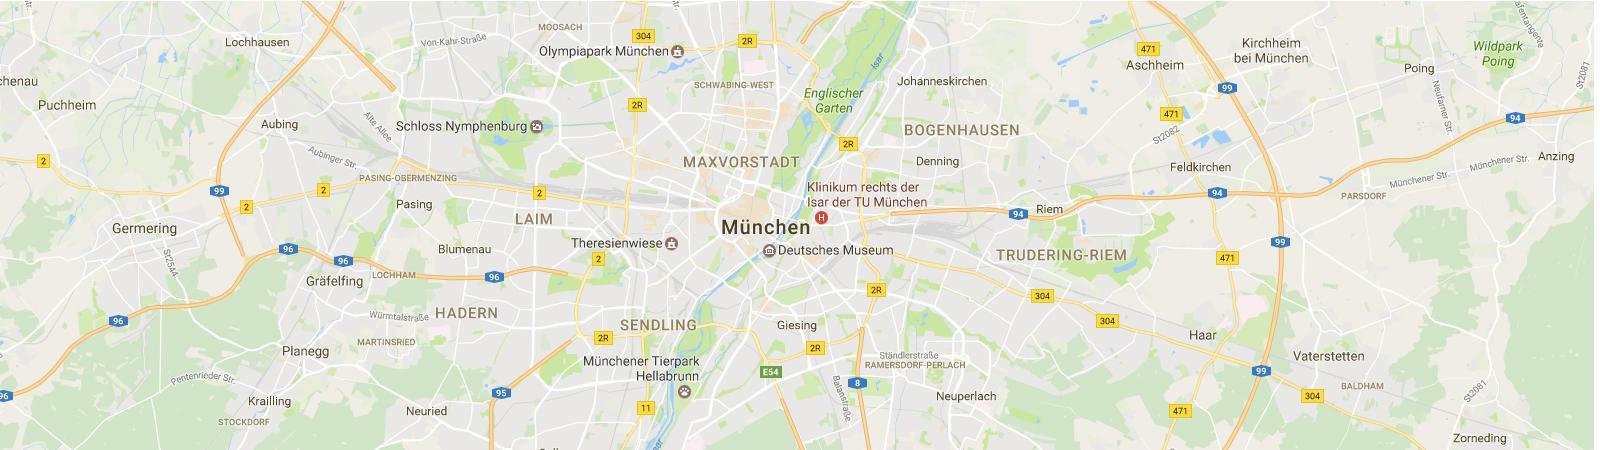 carsharing_city-page-business-area__DE DE munich